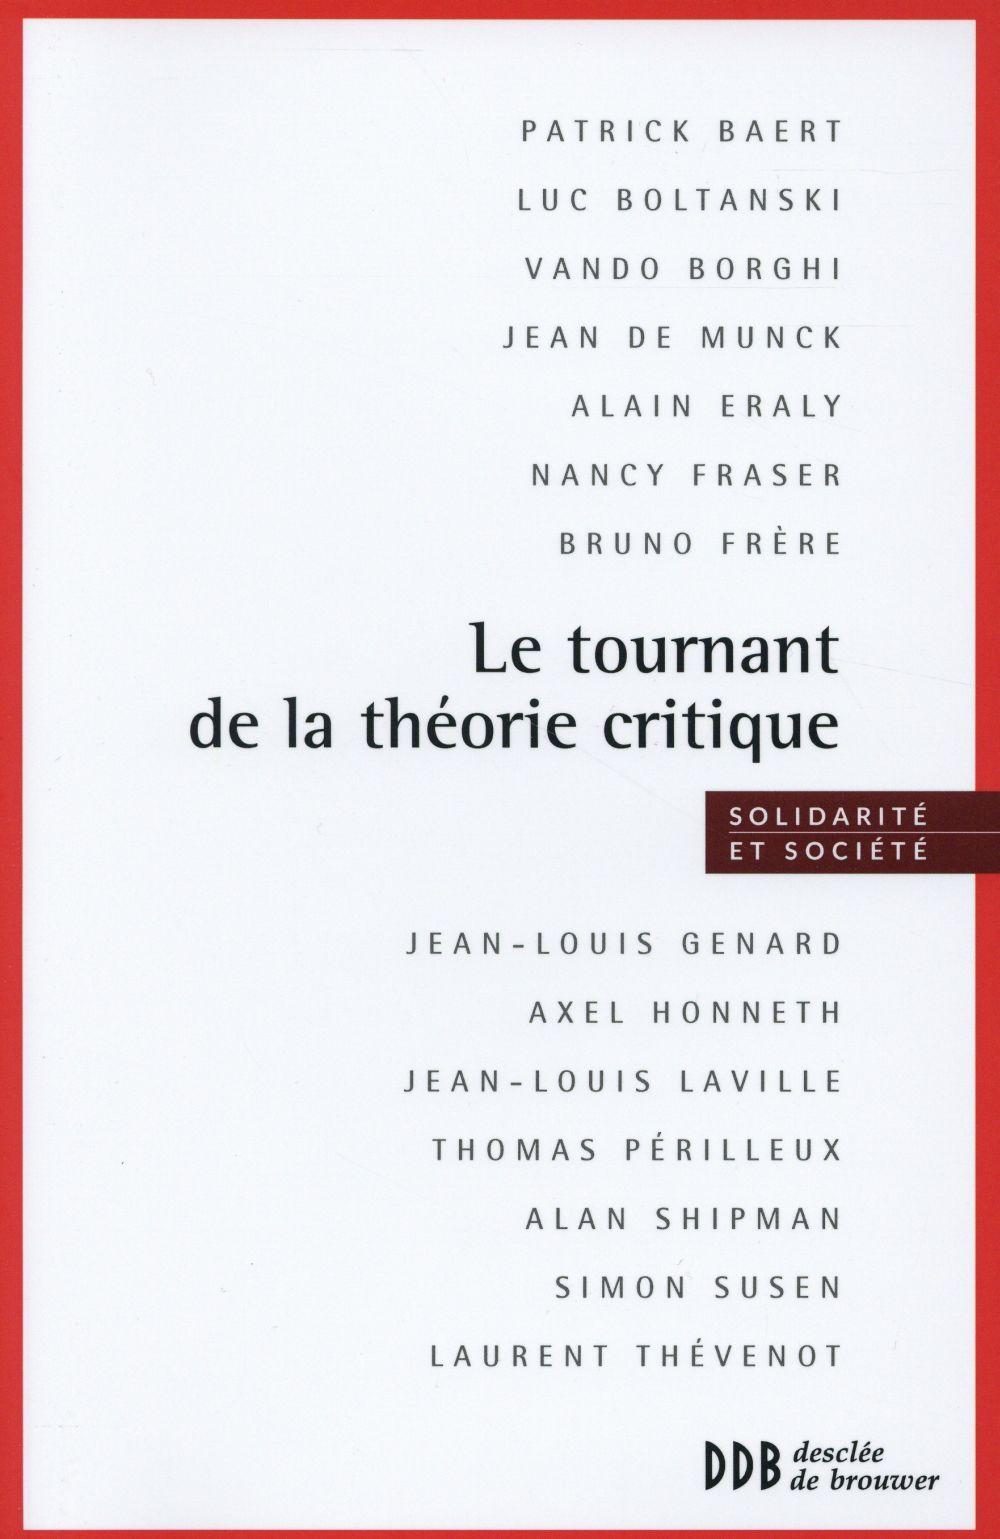 Le tournant de la théorie critique